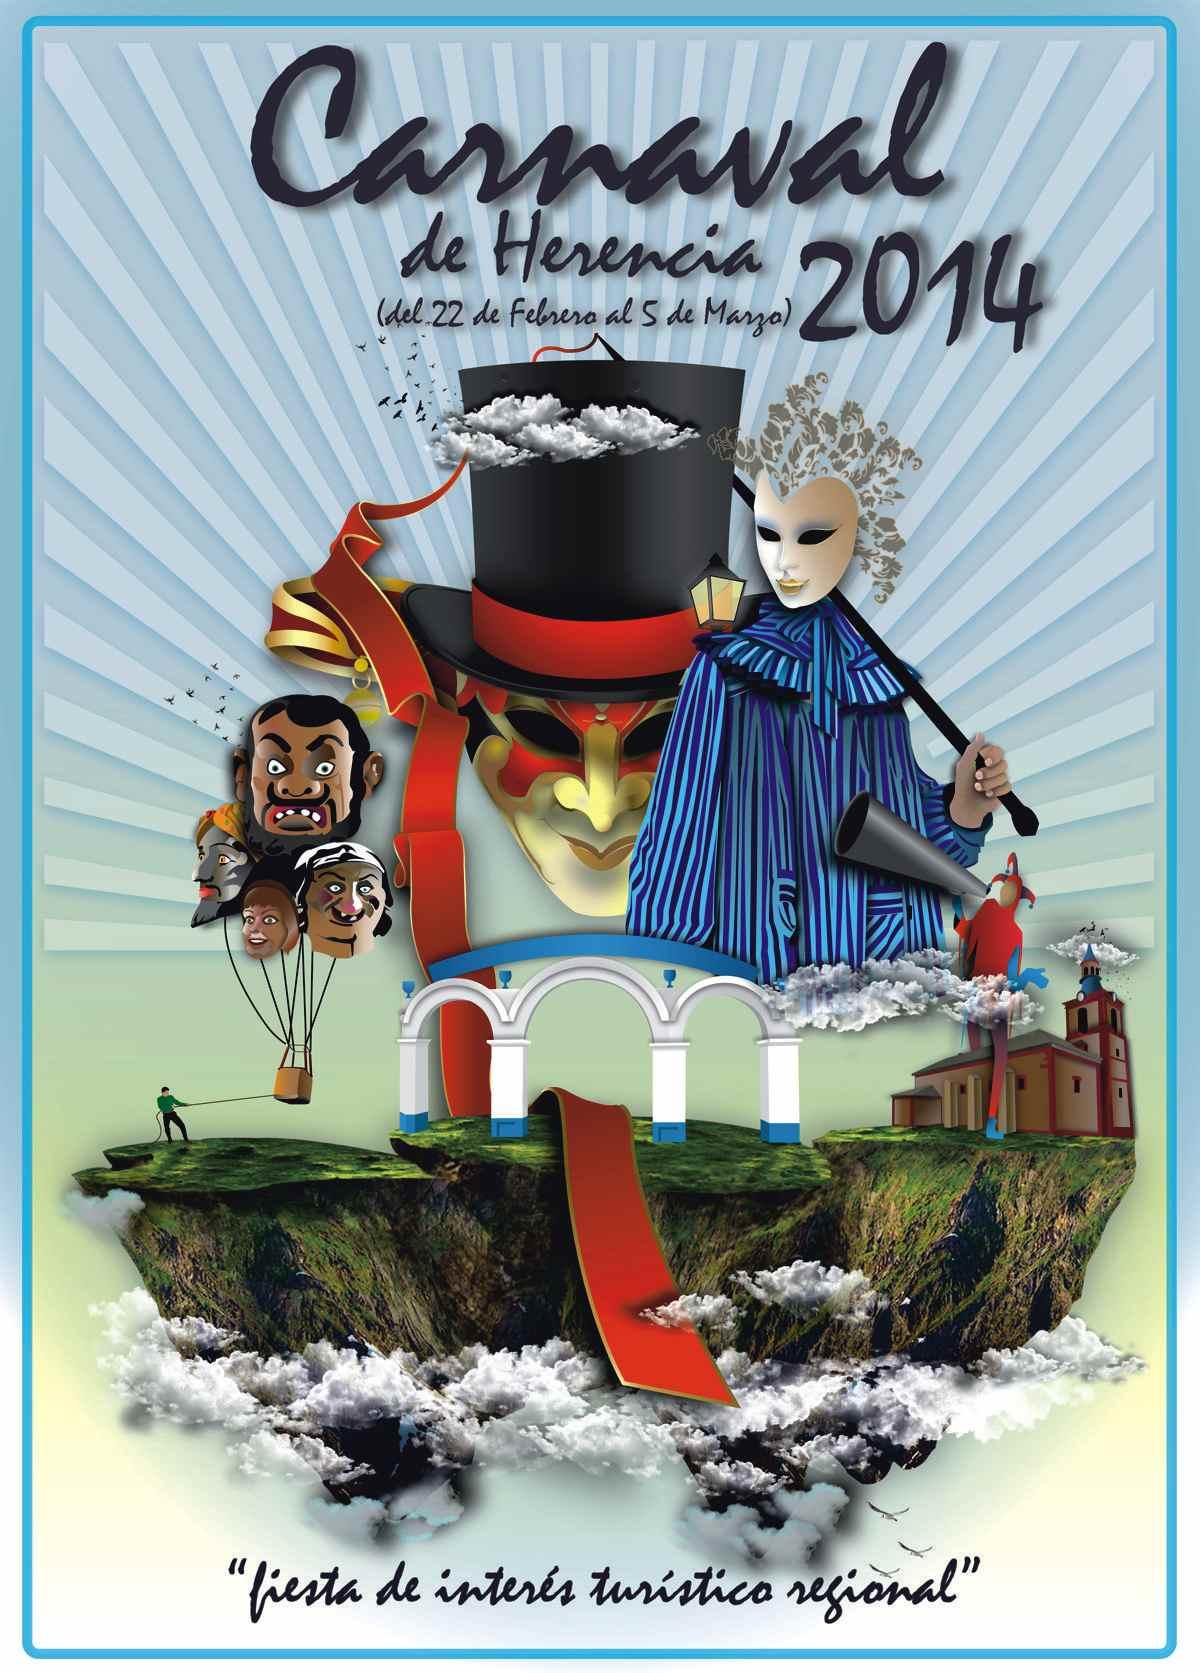 Cartel-anunciador-Carnaval-de-Herencia-2014